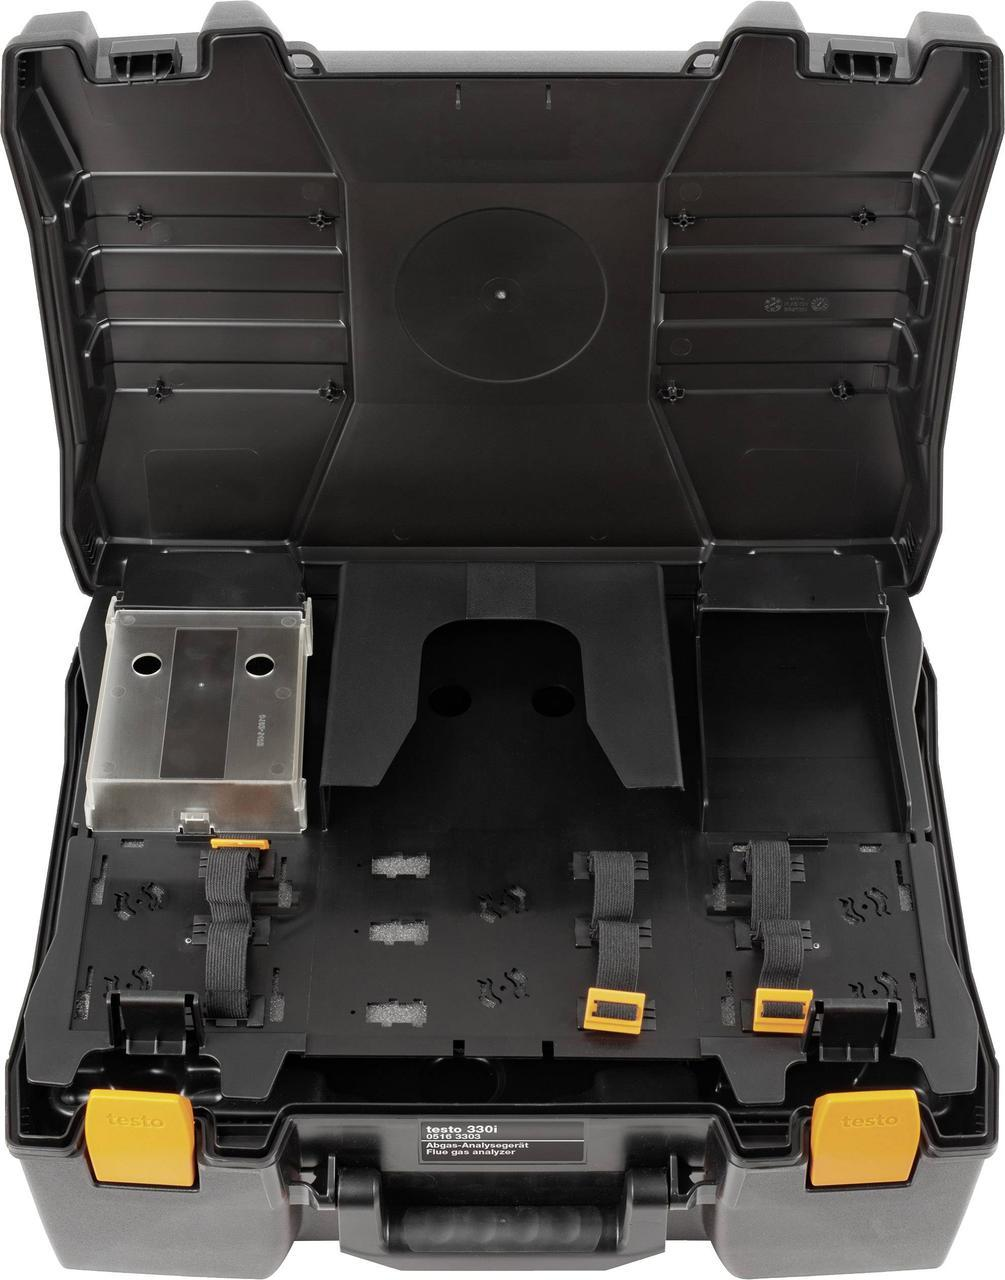 Системный кейс для прибора testo 330i, зондов и принадлежностей (520 x 210 x 400 мм, ШxВxГ)